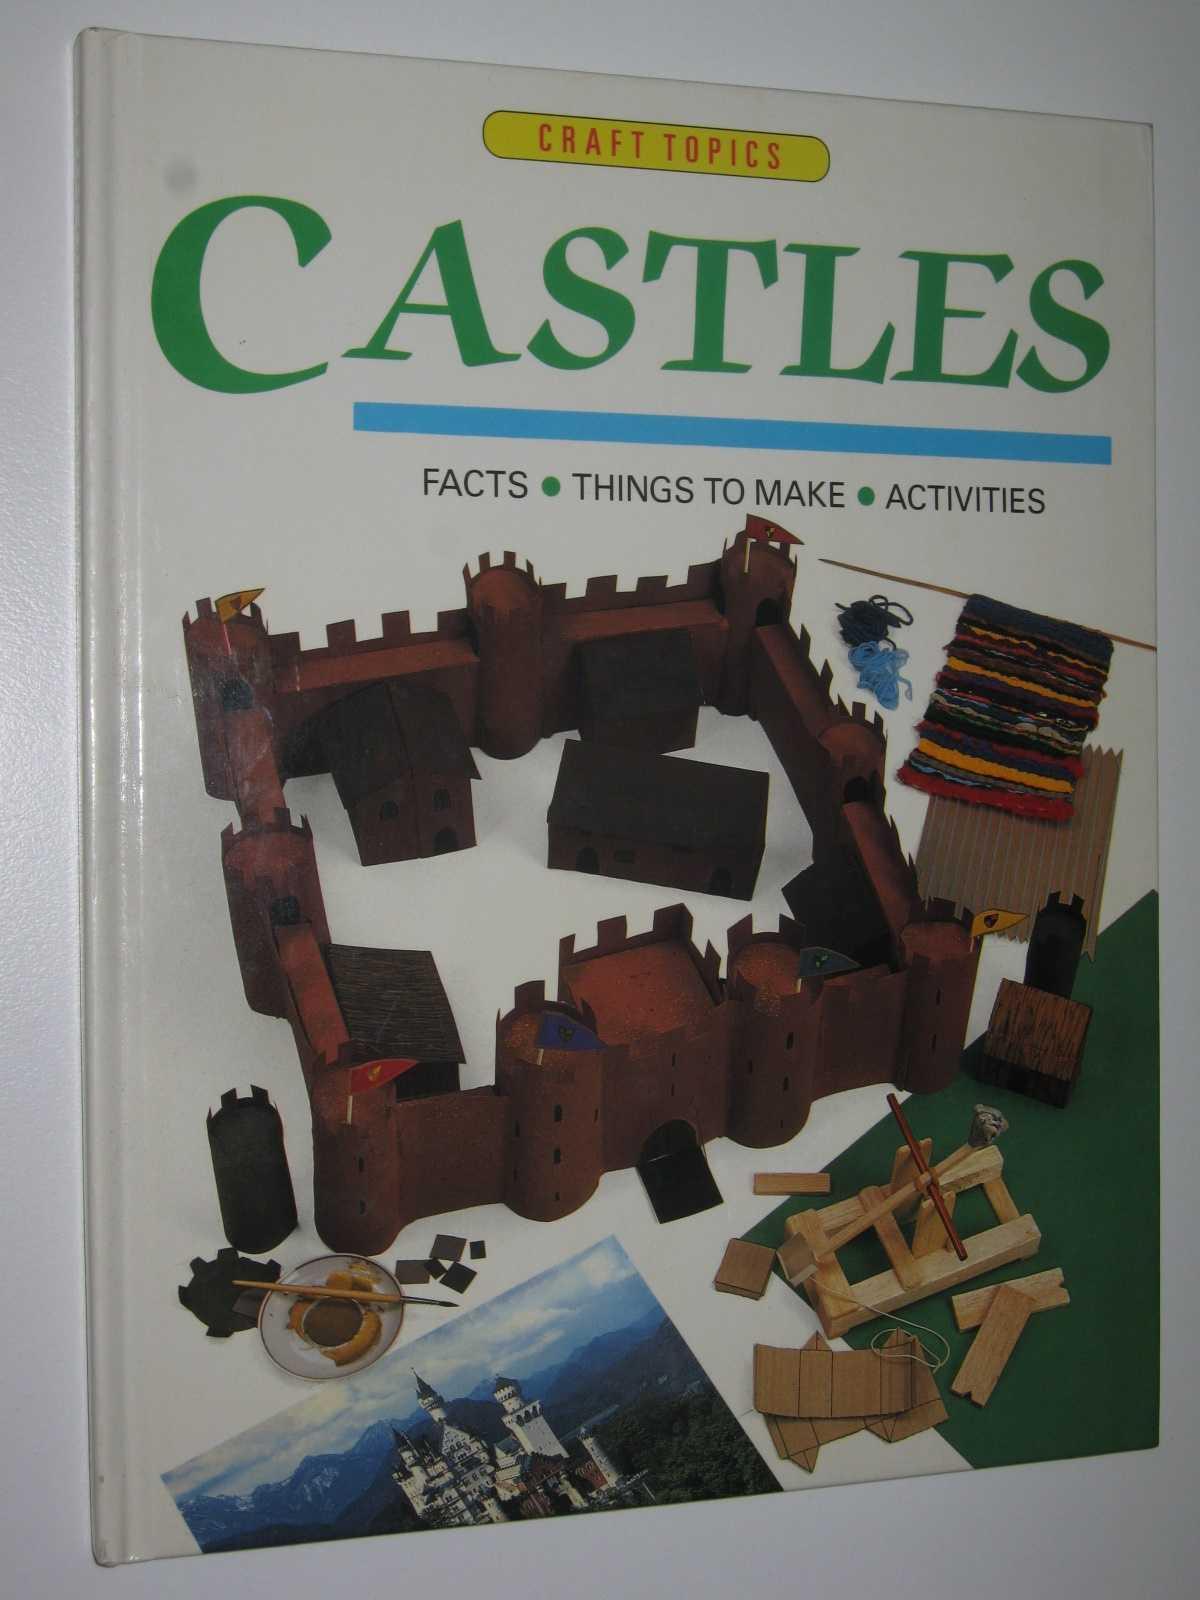 Castles - Craft Topics Series, Poole, Hazel (edited)